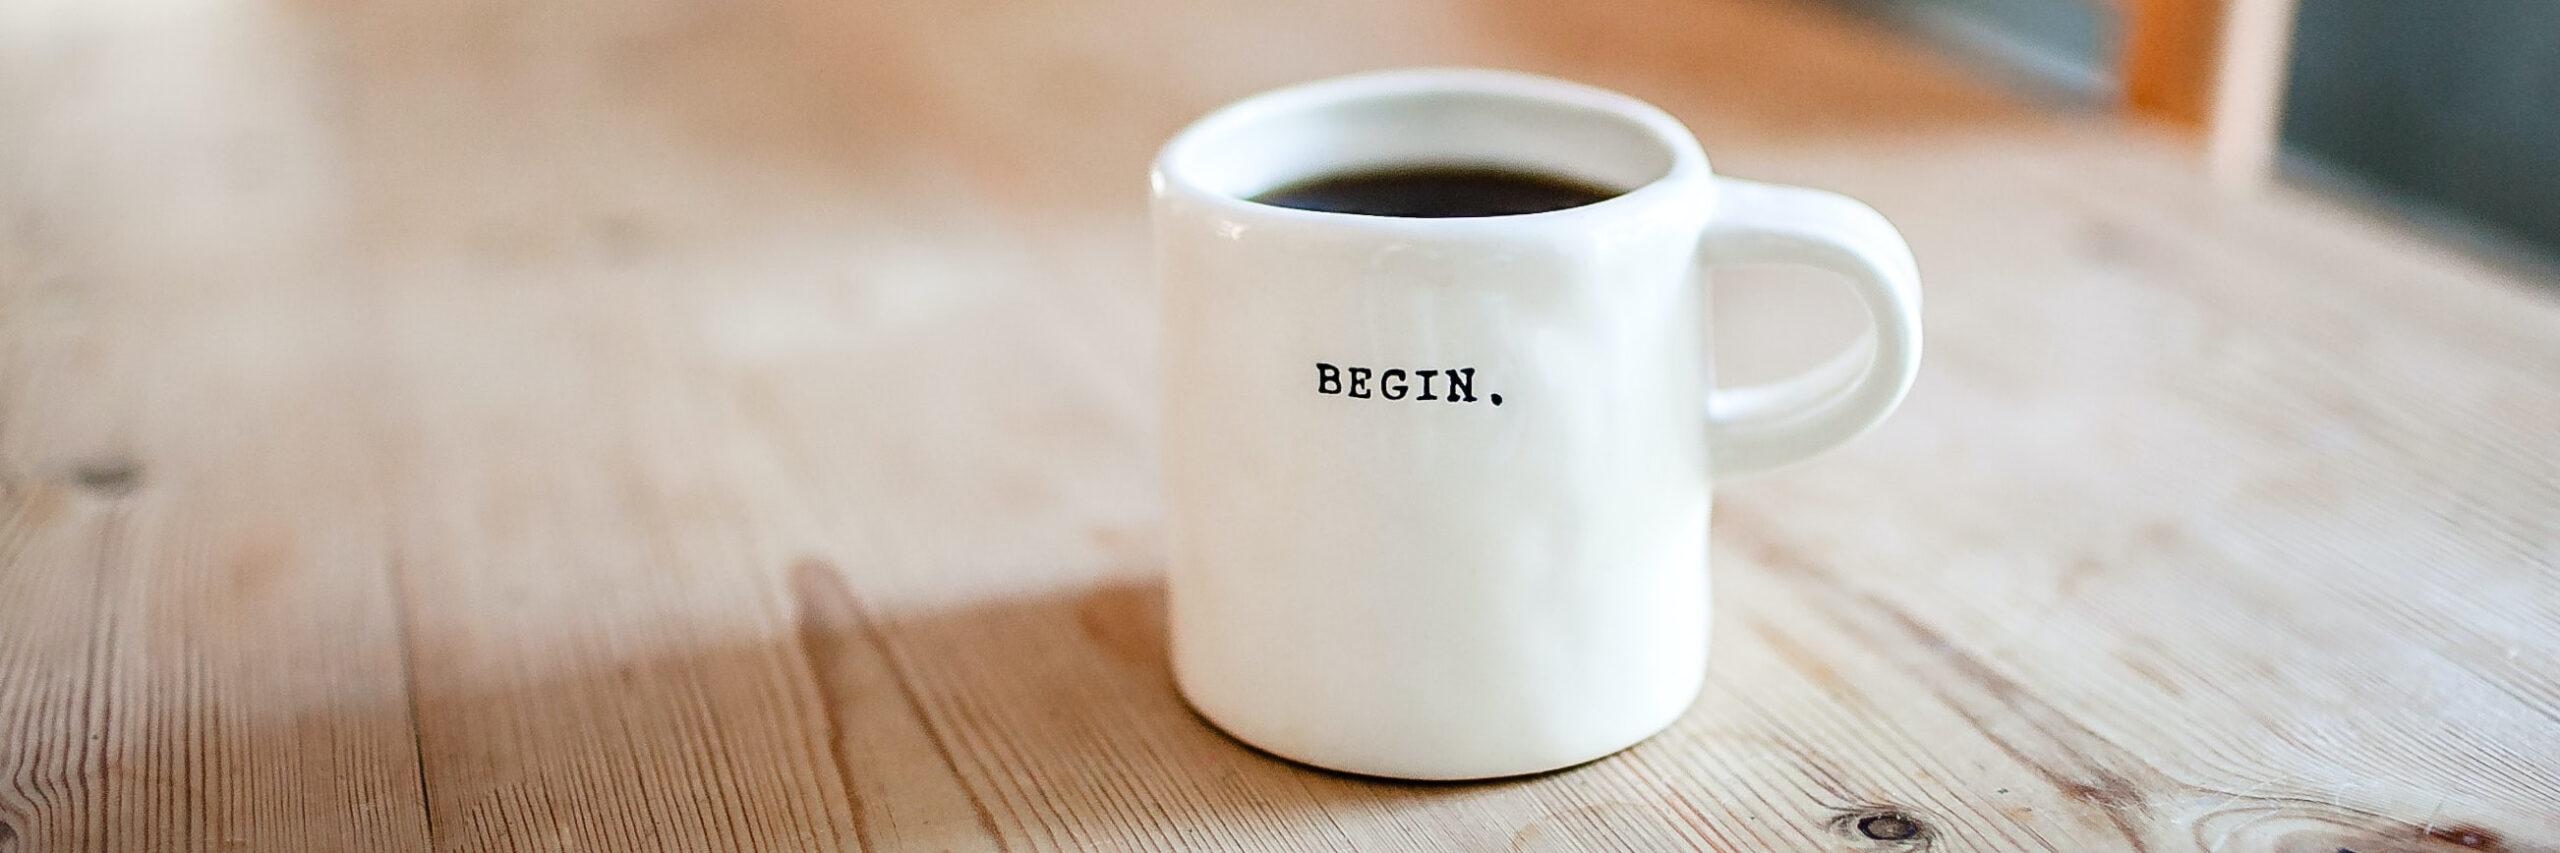 """Im Business Coaching """"Führung & Veränderung entwickeln"""" erarbeiten Sie sich einen selbstverständlichen Umgang mit Führungsverantwortung. Das Bild zeigt eine Kaffeetasse mit der Aufschrift """"begin""""."""